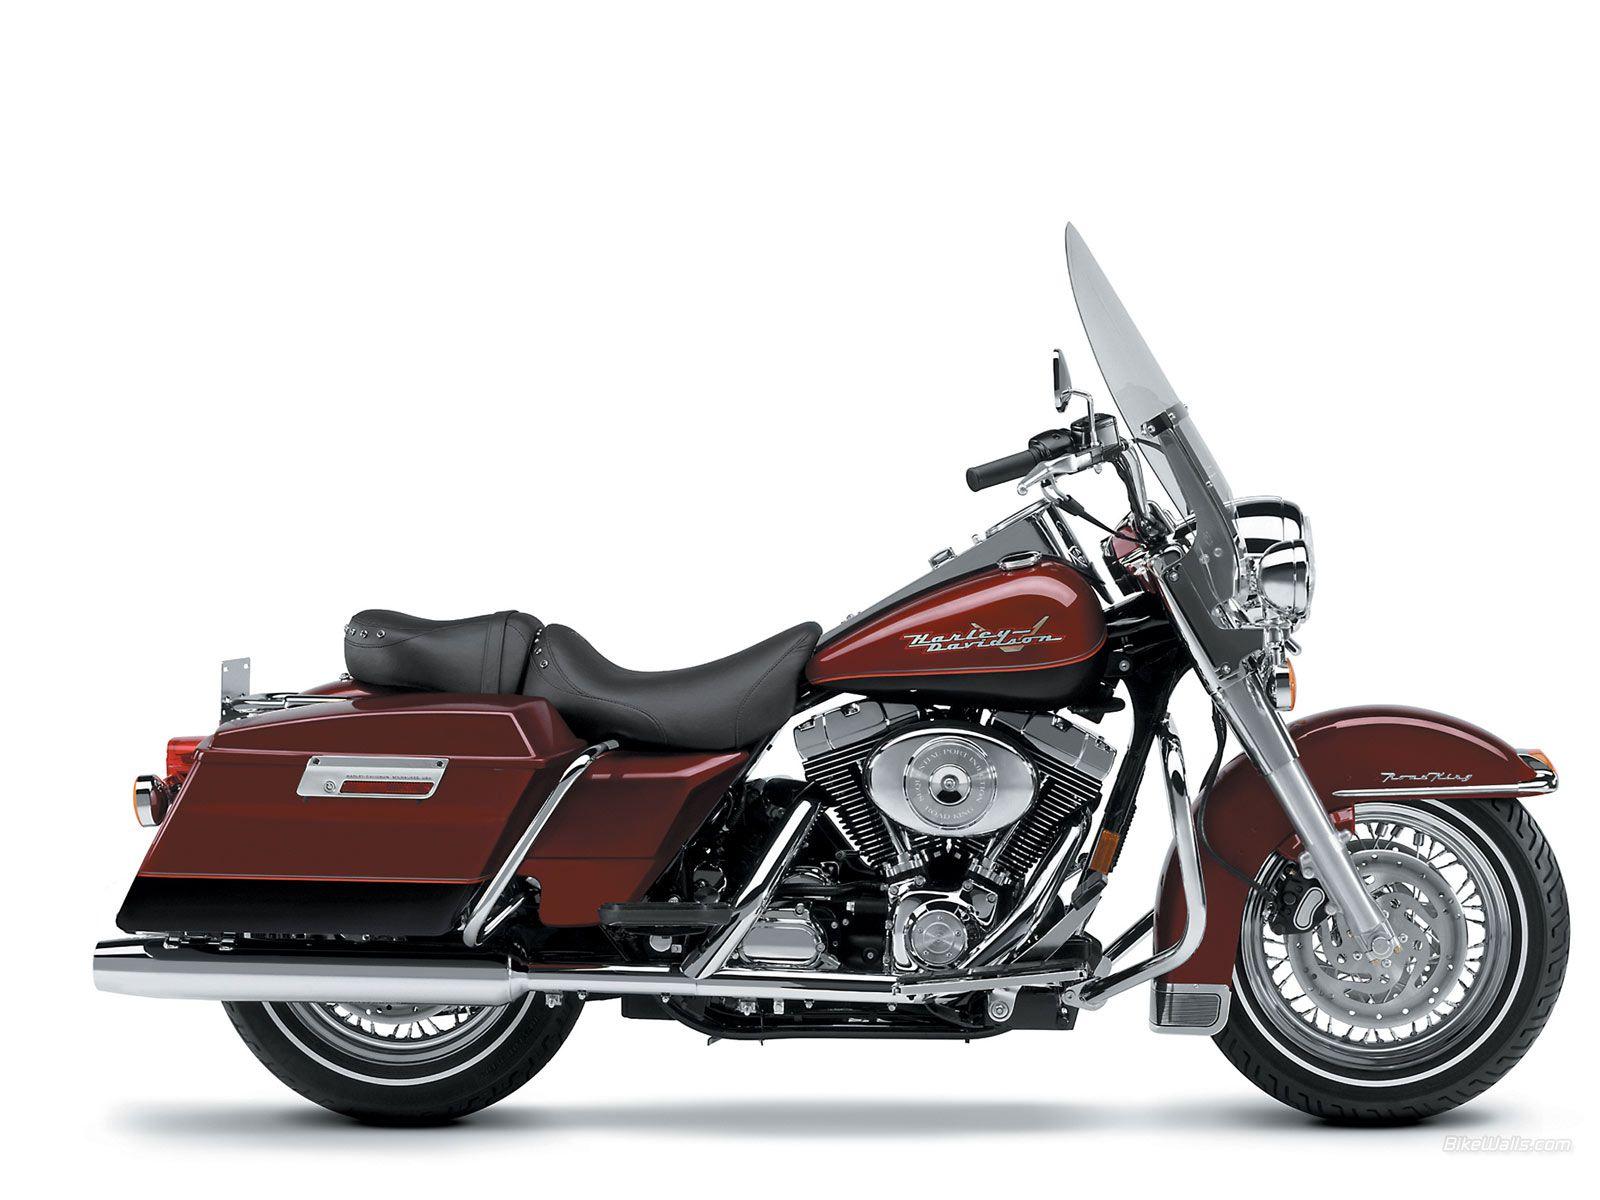 Harley Davidson Flhr Road King 2002 Road King Classic Harley Davidson Pictures Harley Davidson [ 1200 x 1600 Pixel ]